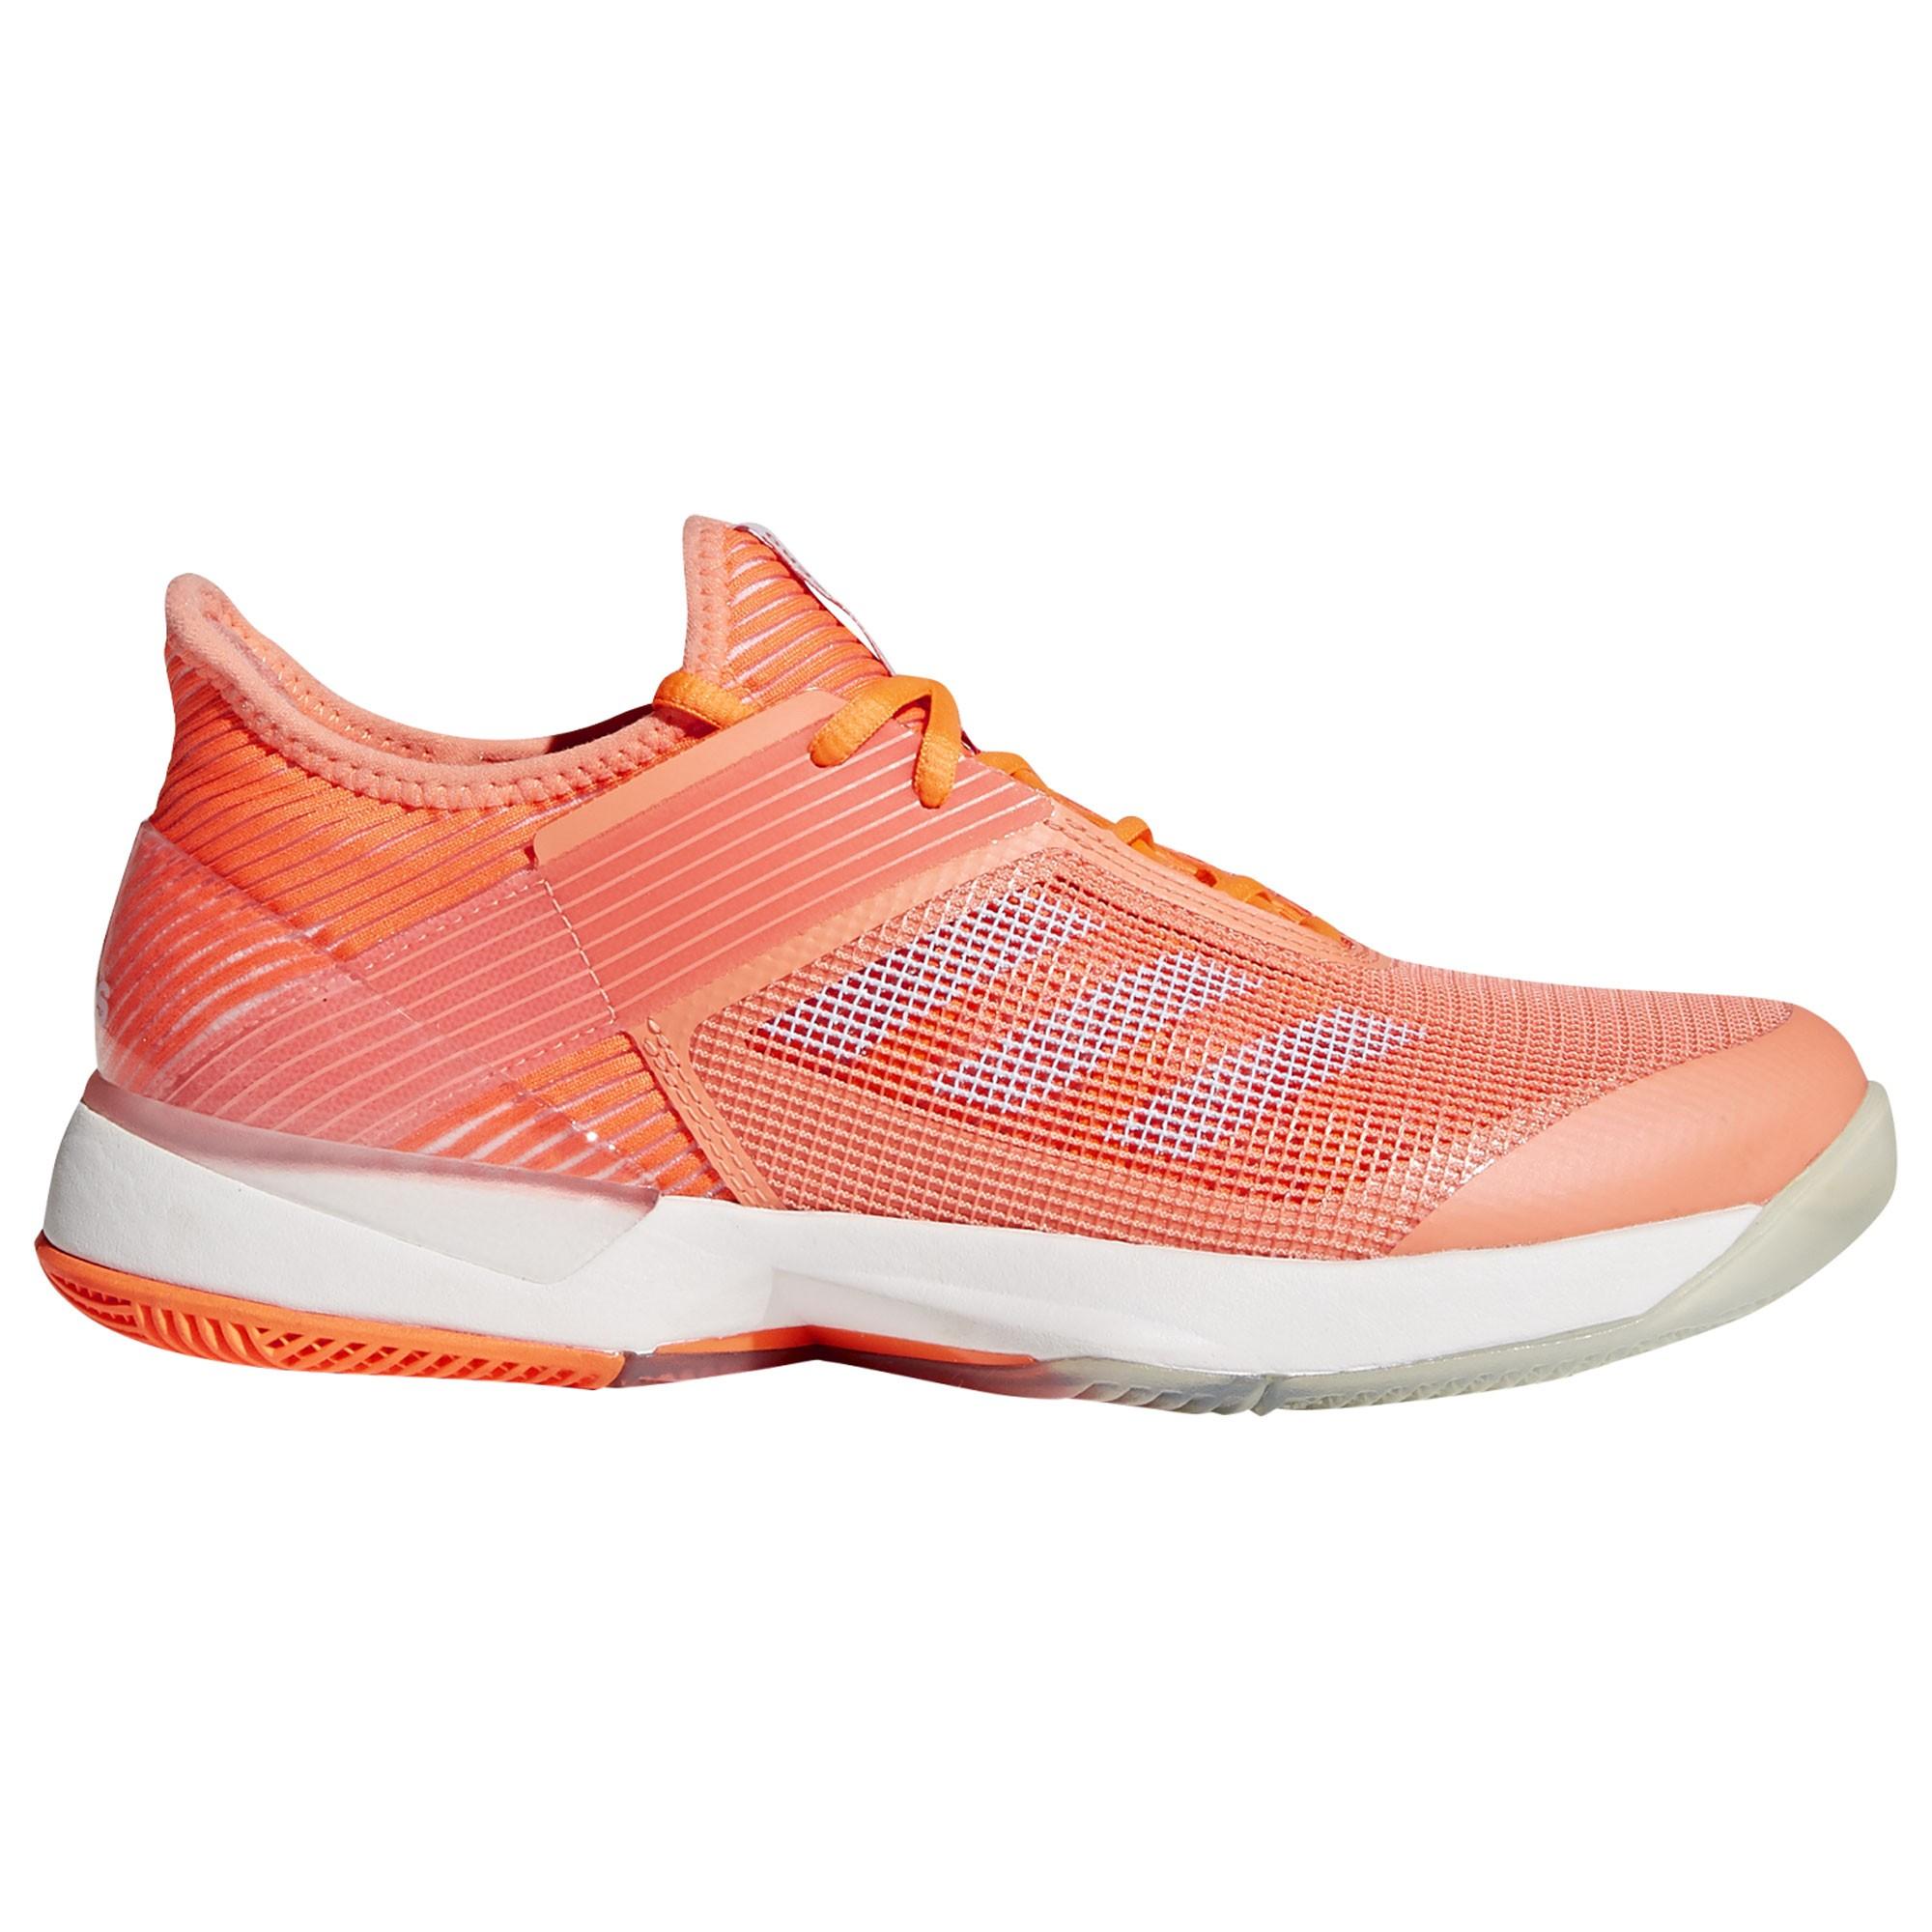 Afbeelding van Adidas Adizero Ubersonic 3.0 CM7751 Tennisschoenen Dames Chalk Coral Hi res Orange